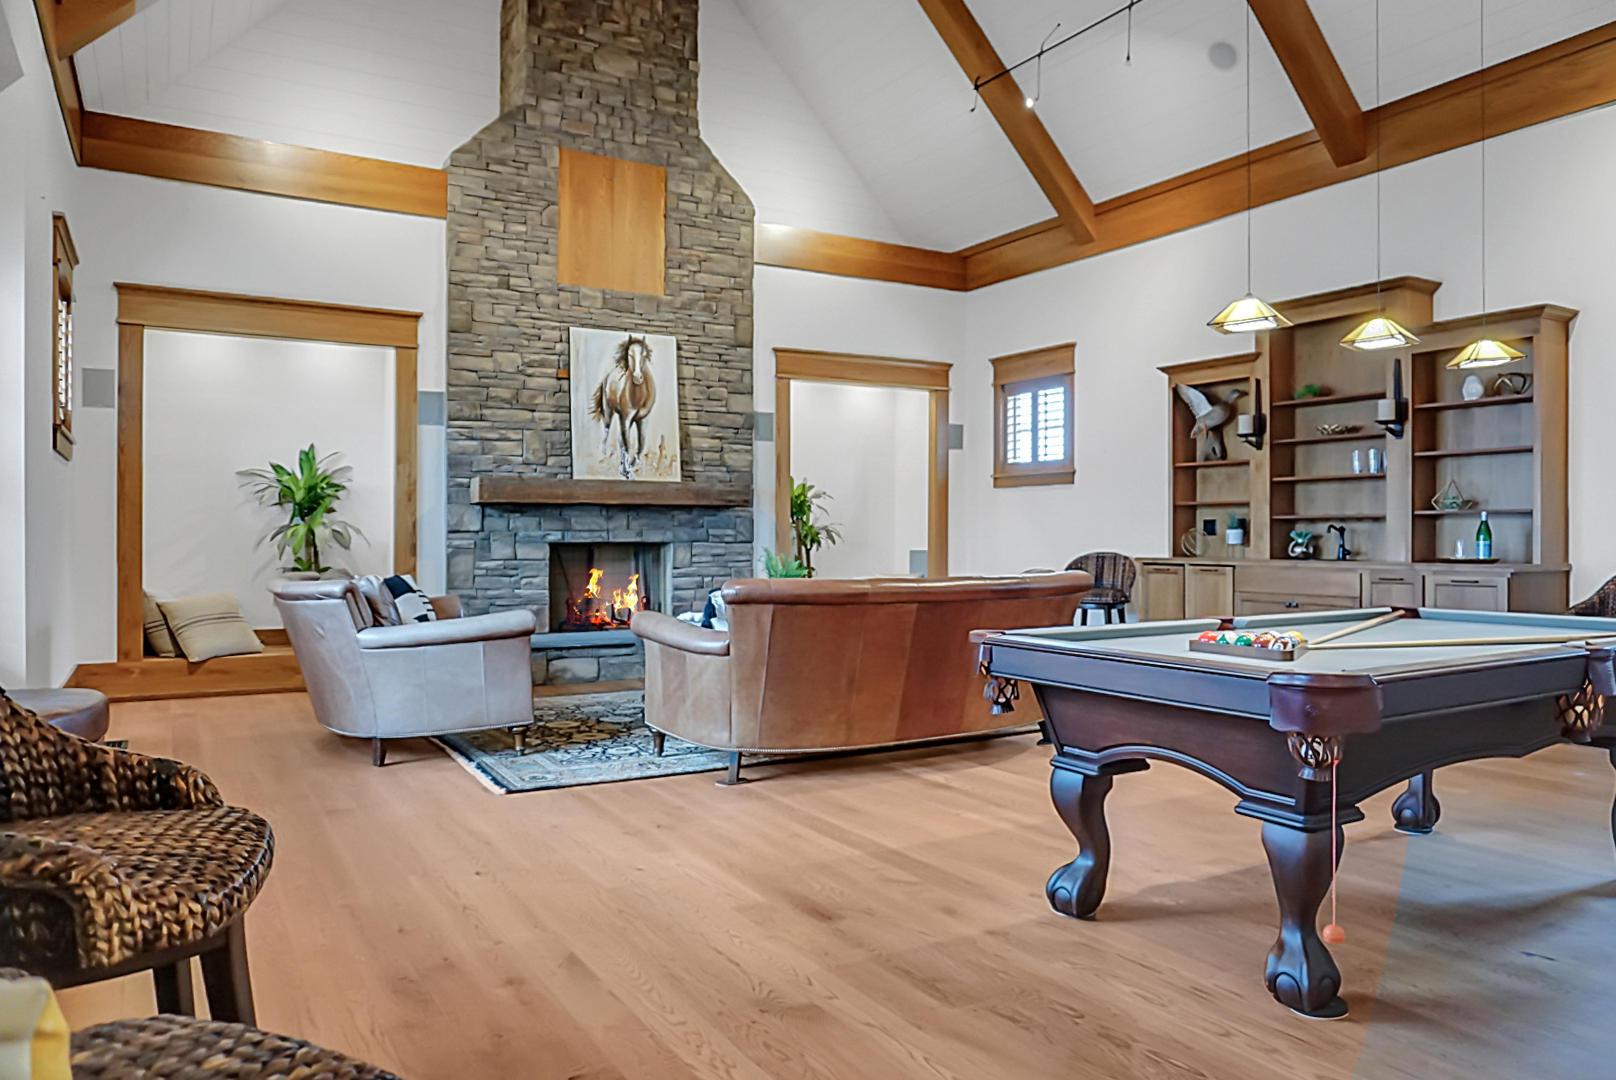 Dunes West Homes For Sale - 2978 River Vista, Mount Pleasant, SC - 30